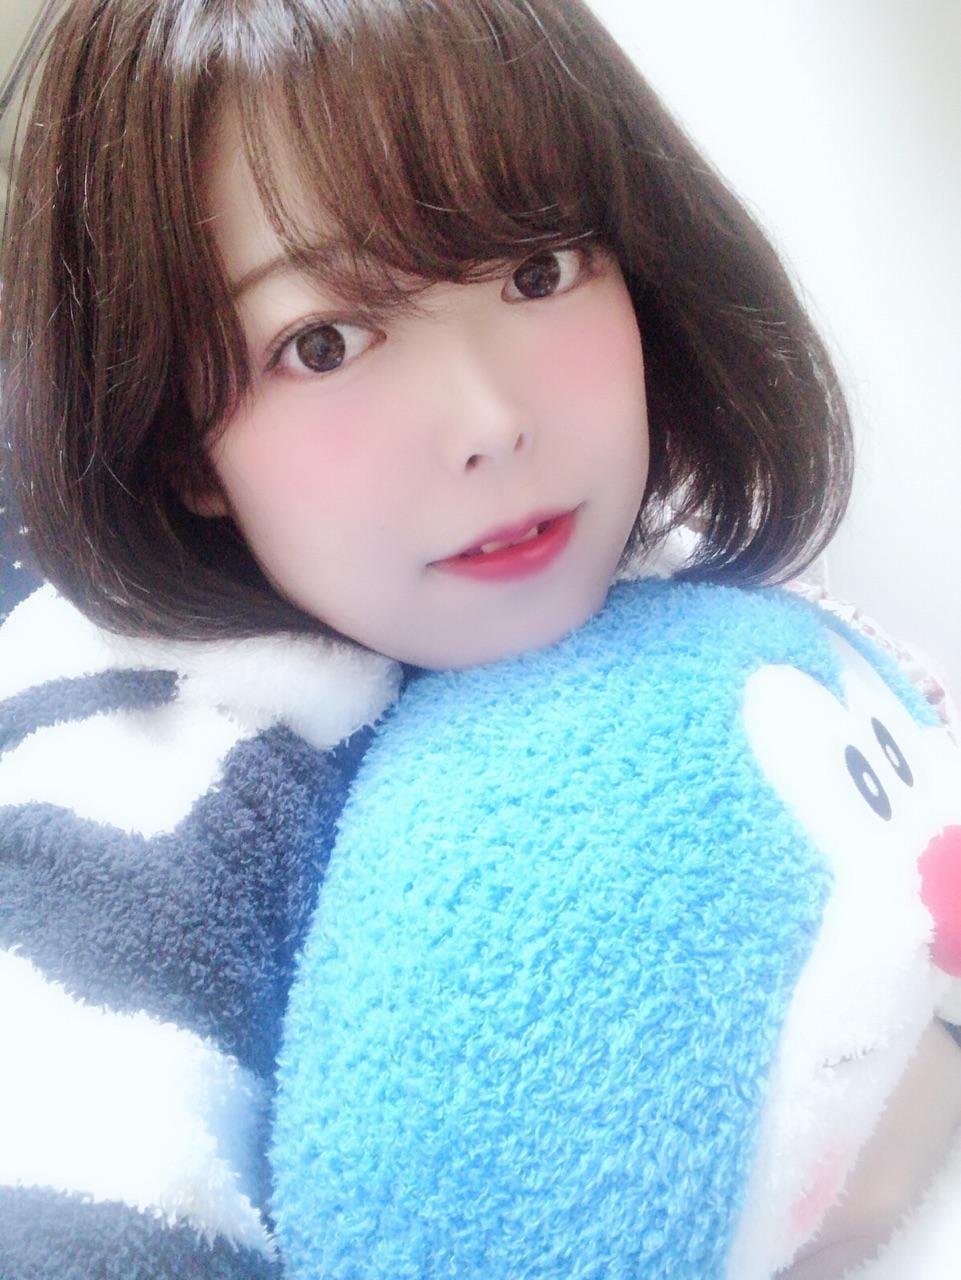 「クル201のOさん(*´◒`*)」06/07(06/07) 23:54 | きのぴおの写メ・風俗動画